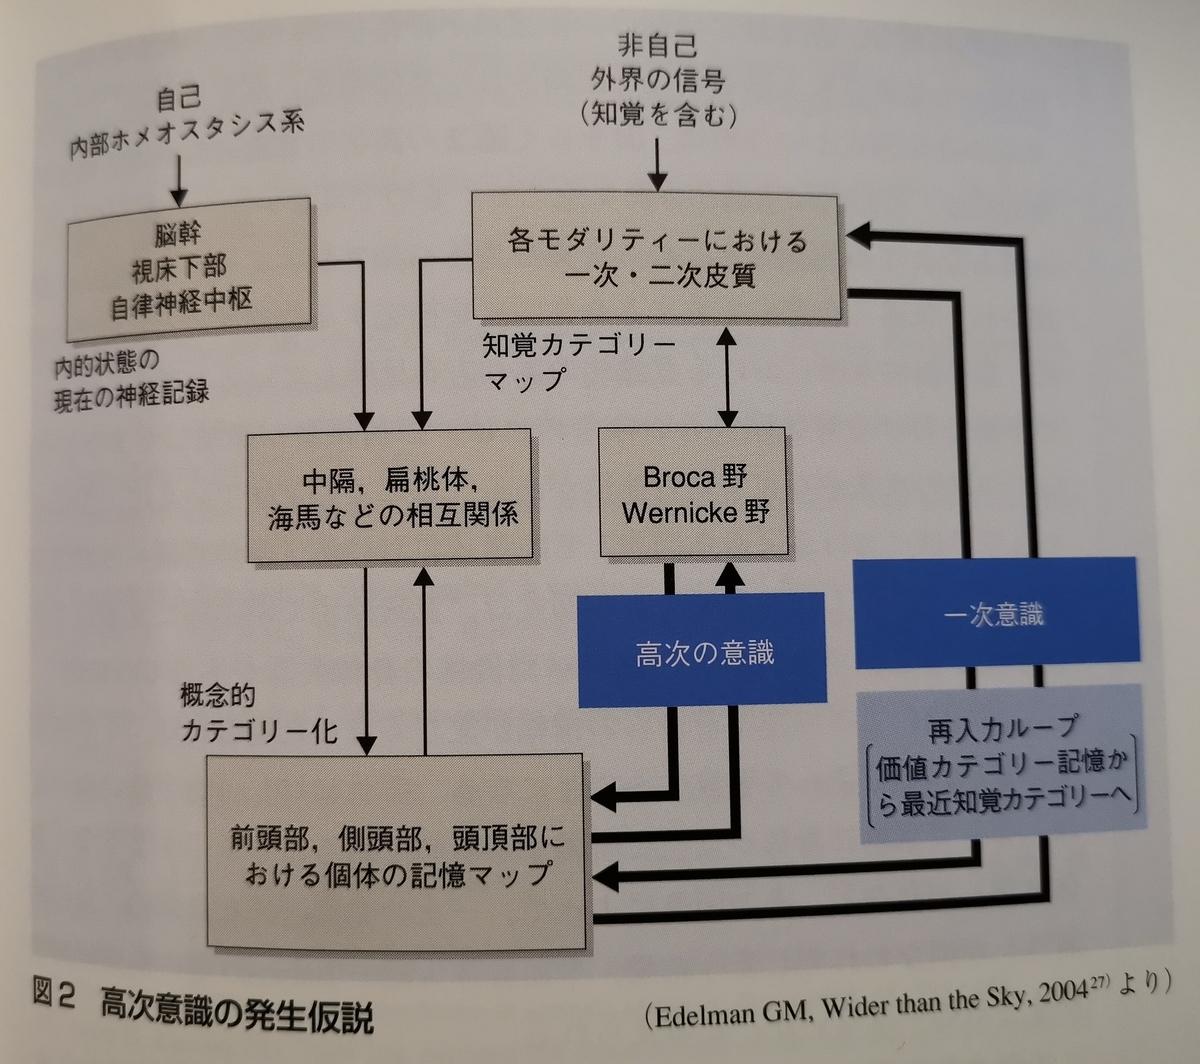 f:id:ryok-kobayashi:20200802193633j:plain